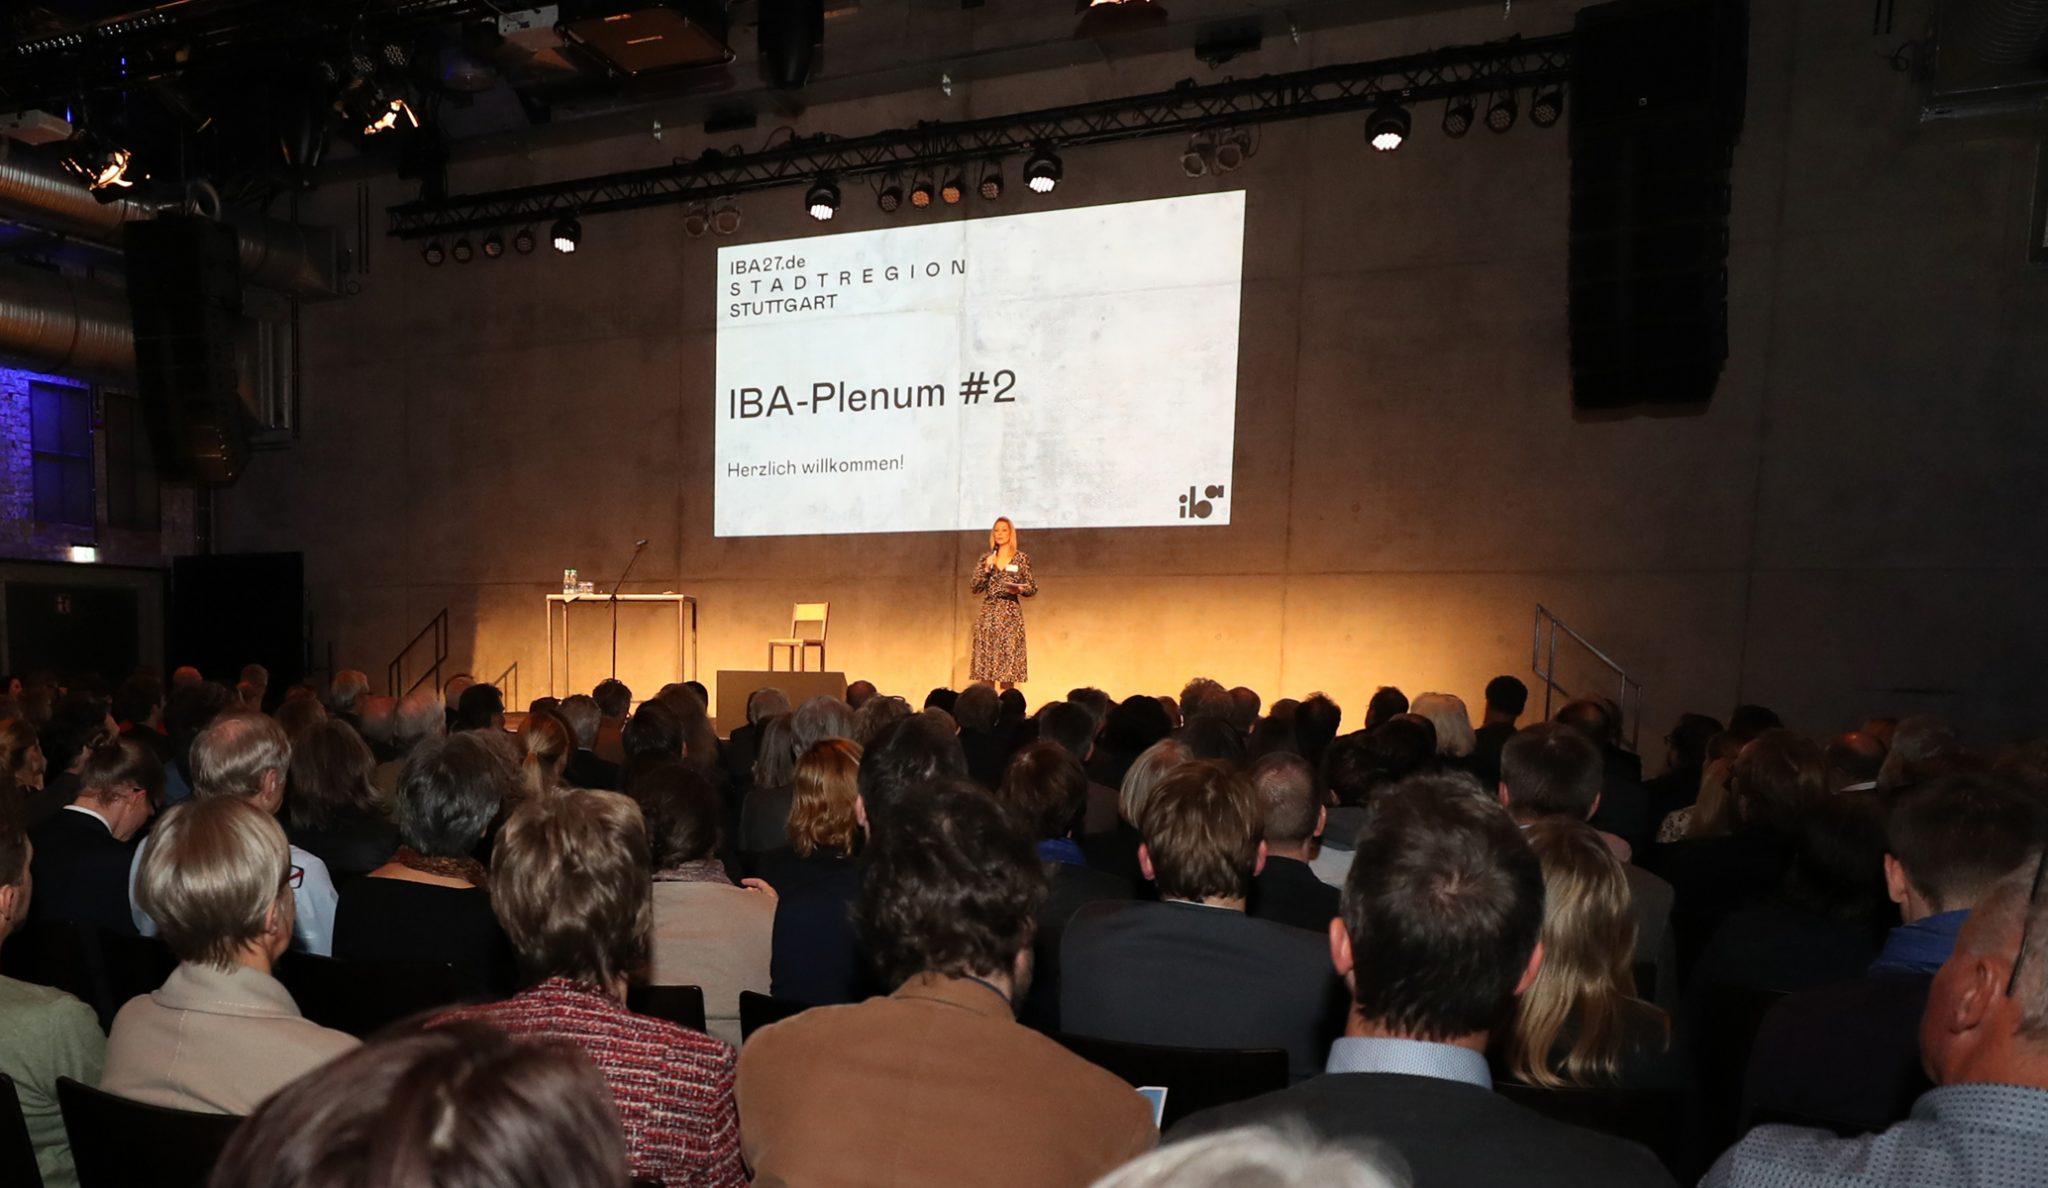 IBA-Plenum #2 in den Stuttgarter Wagenhallen (Foto: Franziska Kraufmann/IBA'27)